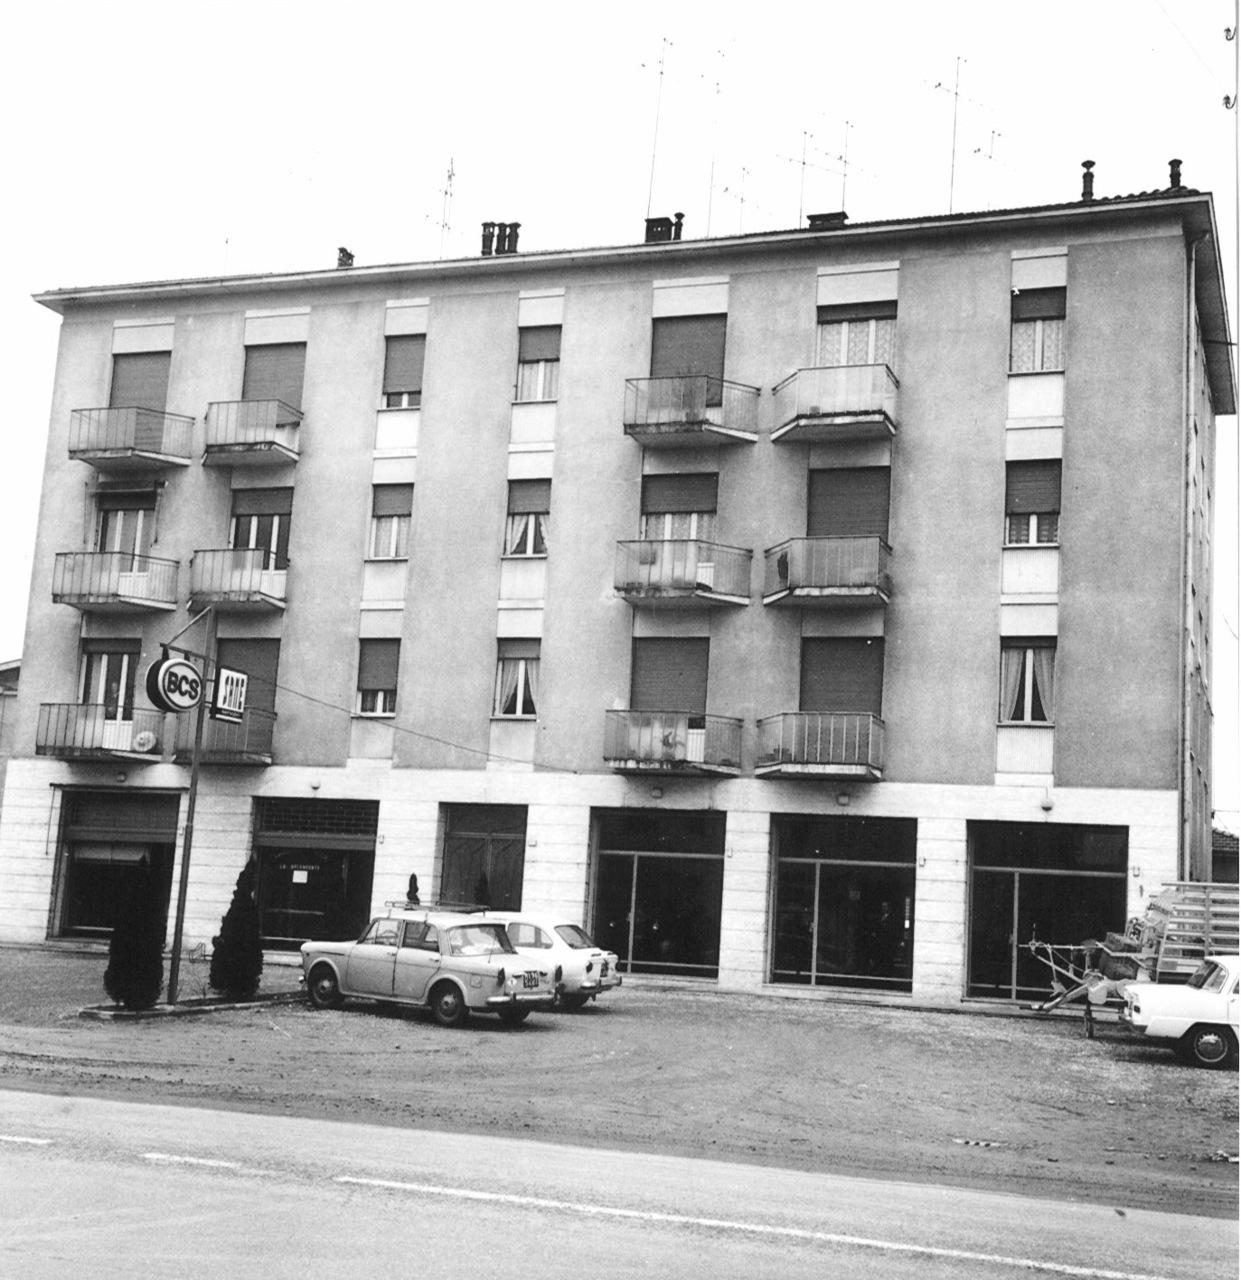 Sede dell'agente SAME Rosselli Torquato a Reggio Emilia